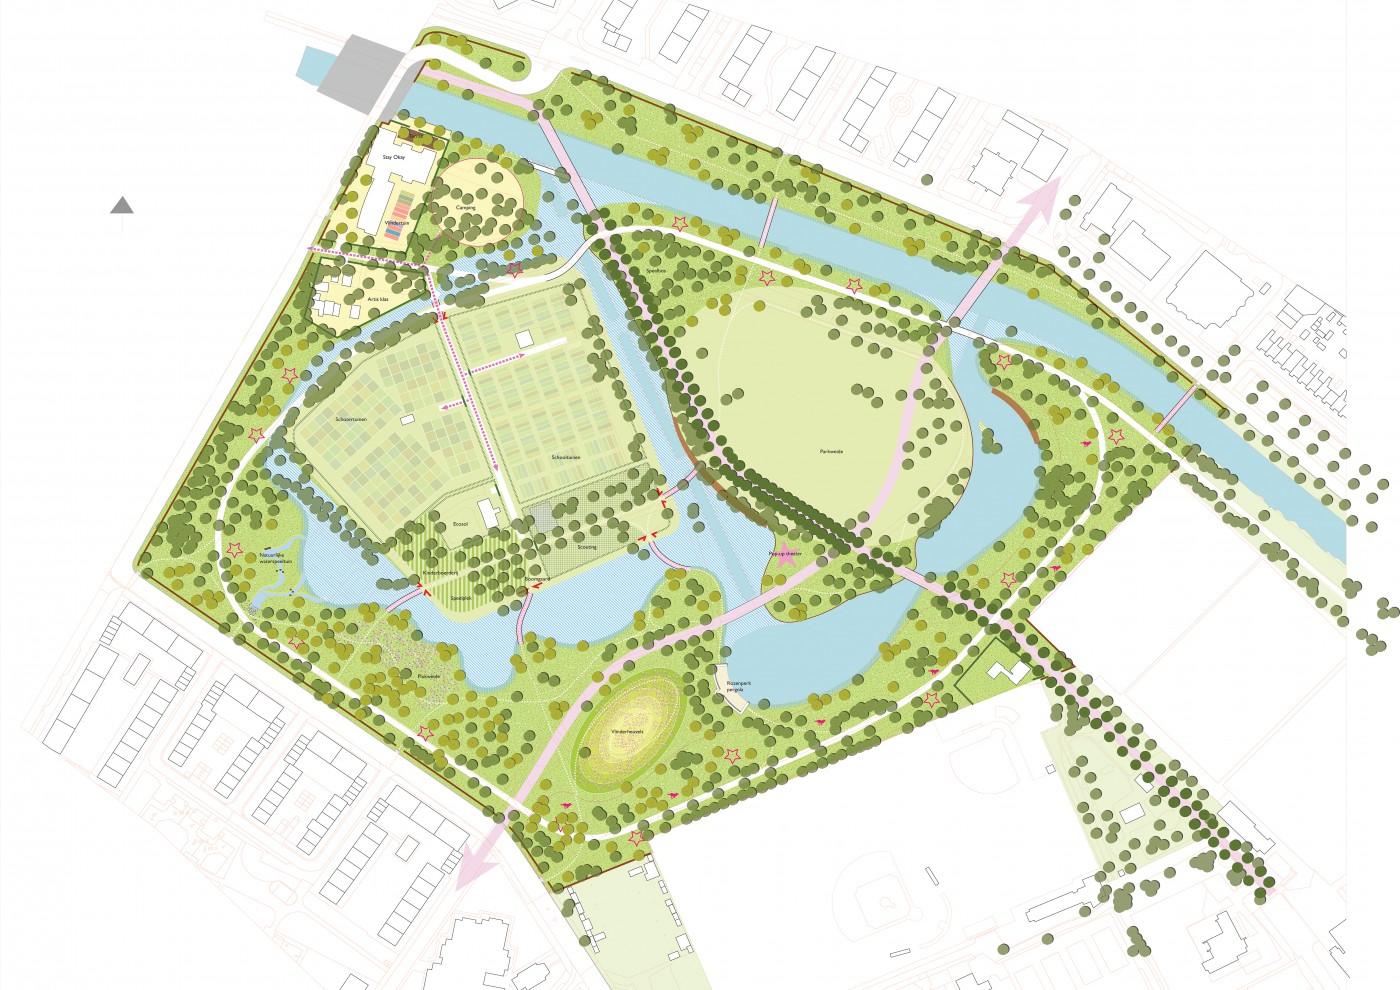 buro-sant-en-co-landschapsarchitectuur-schoterbos-haarlem-stadspark-plan schema